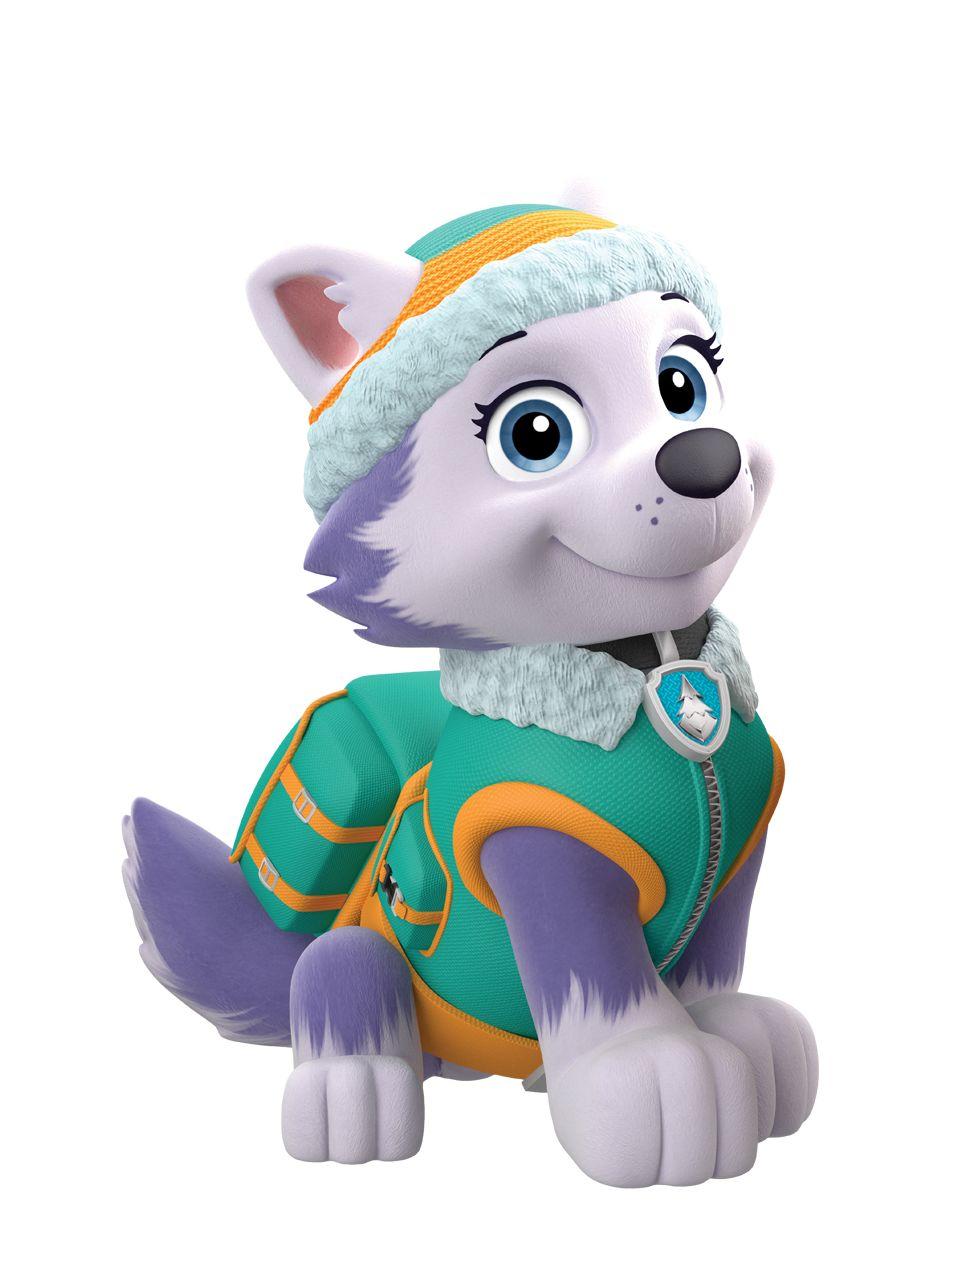 可爱的雪地救援狗珠珠   给小朋友们准备了怎样的惊喜呢?